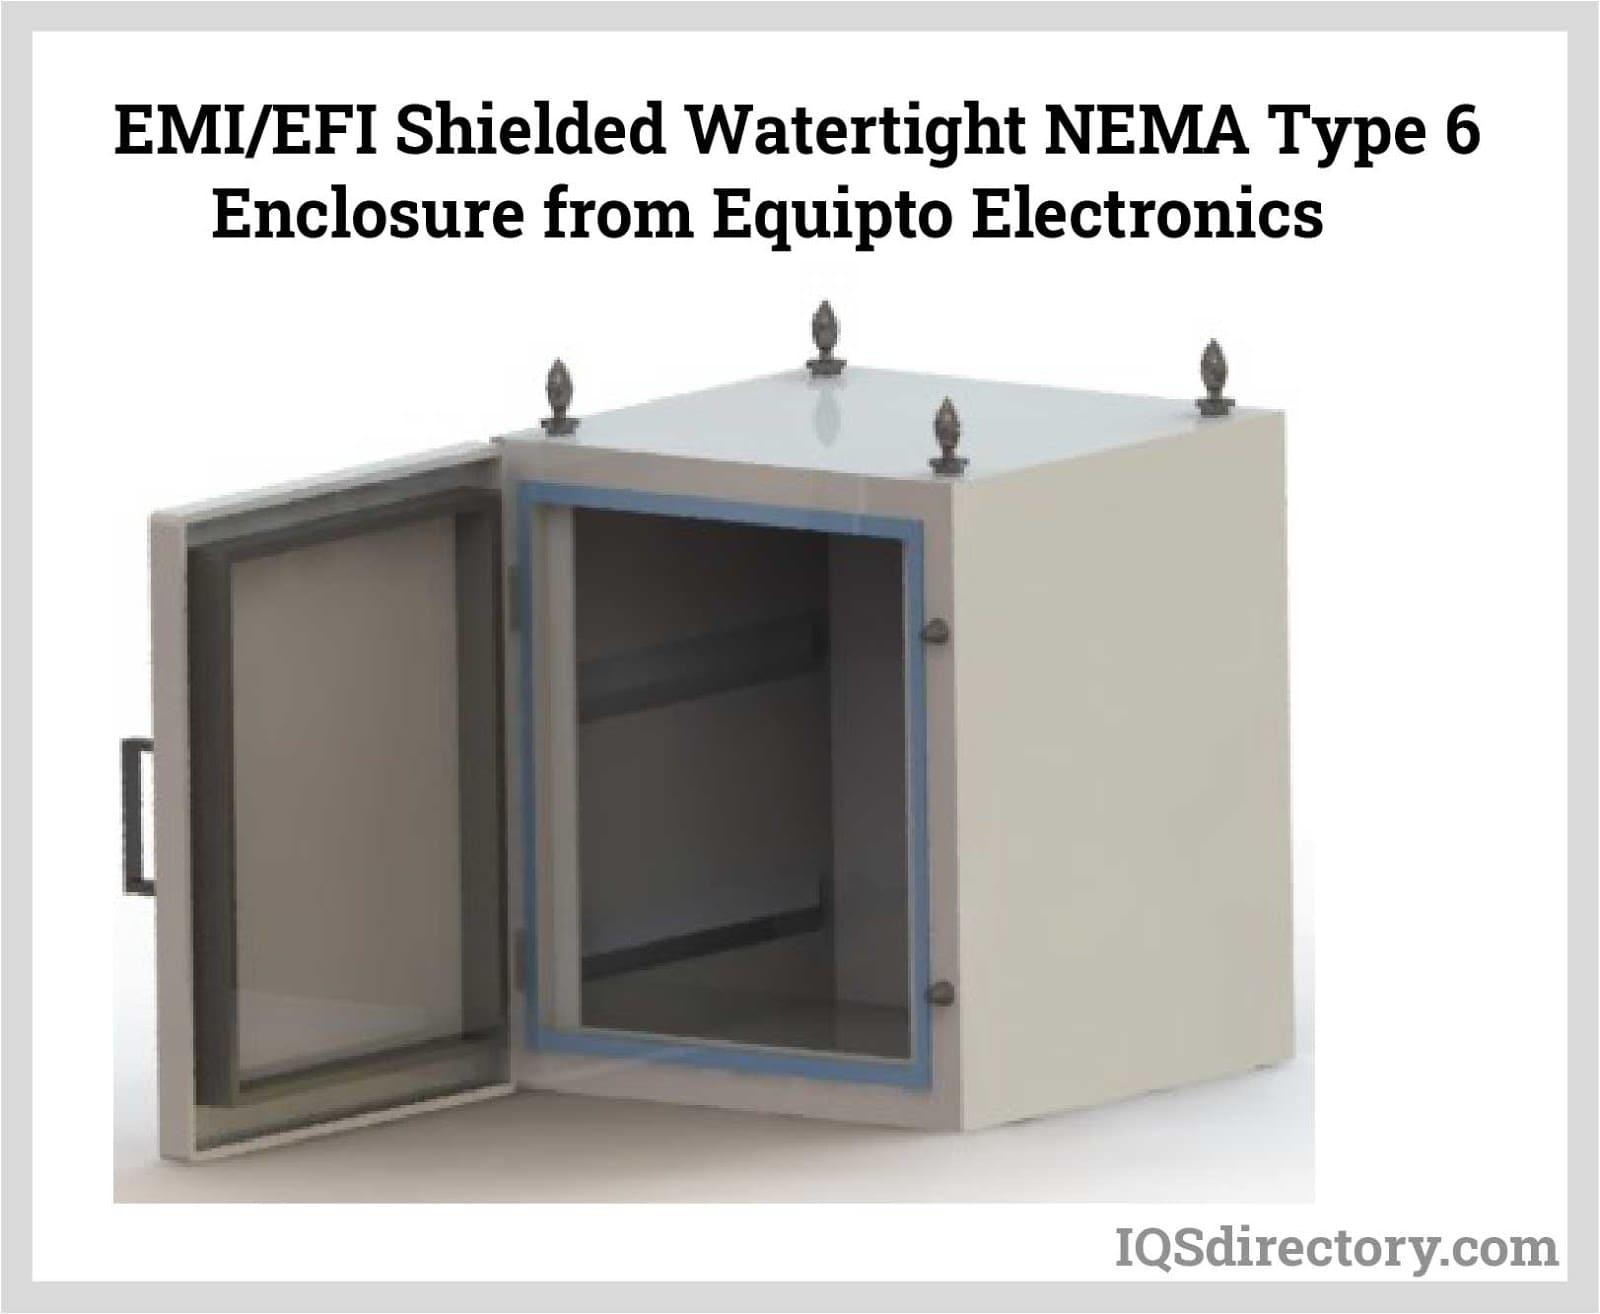 EMI/EFI Shielded Watertight NEMA Type 6 Enclosure